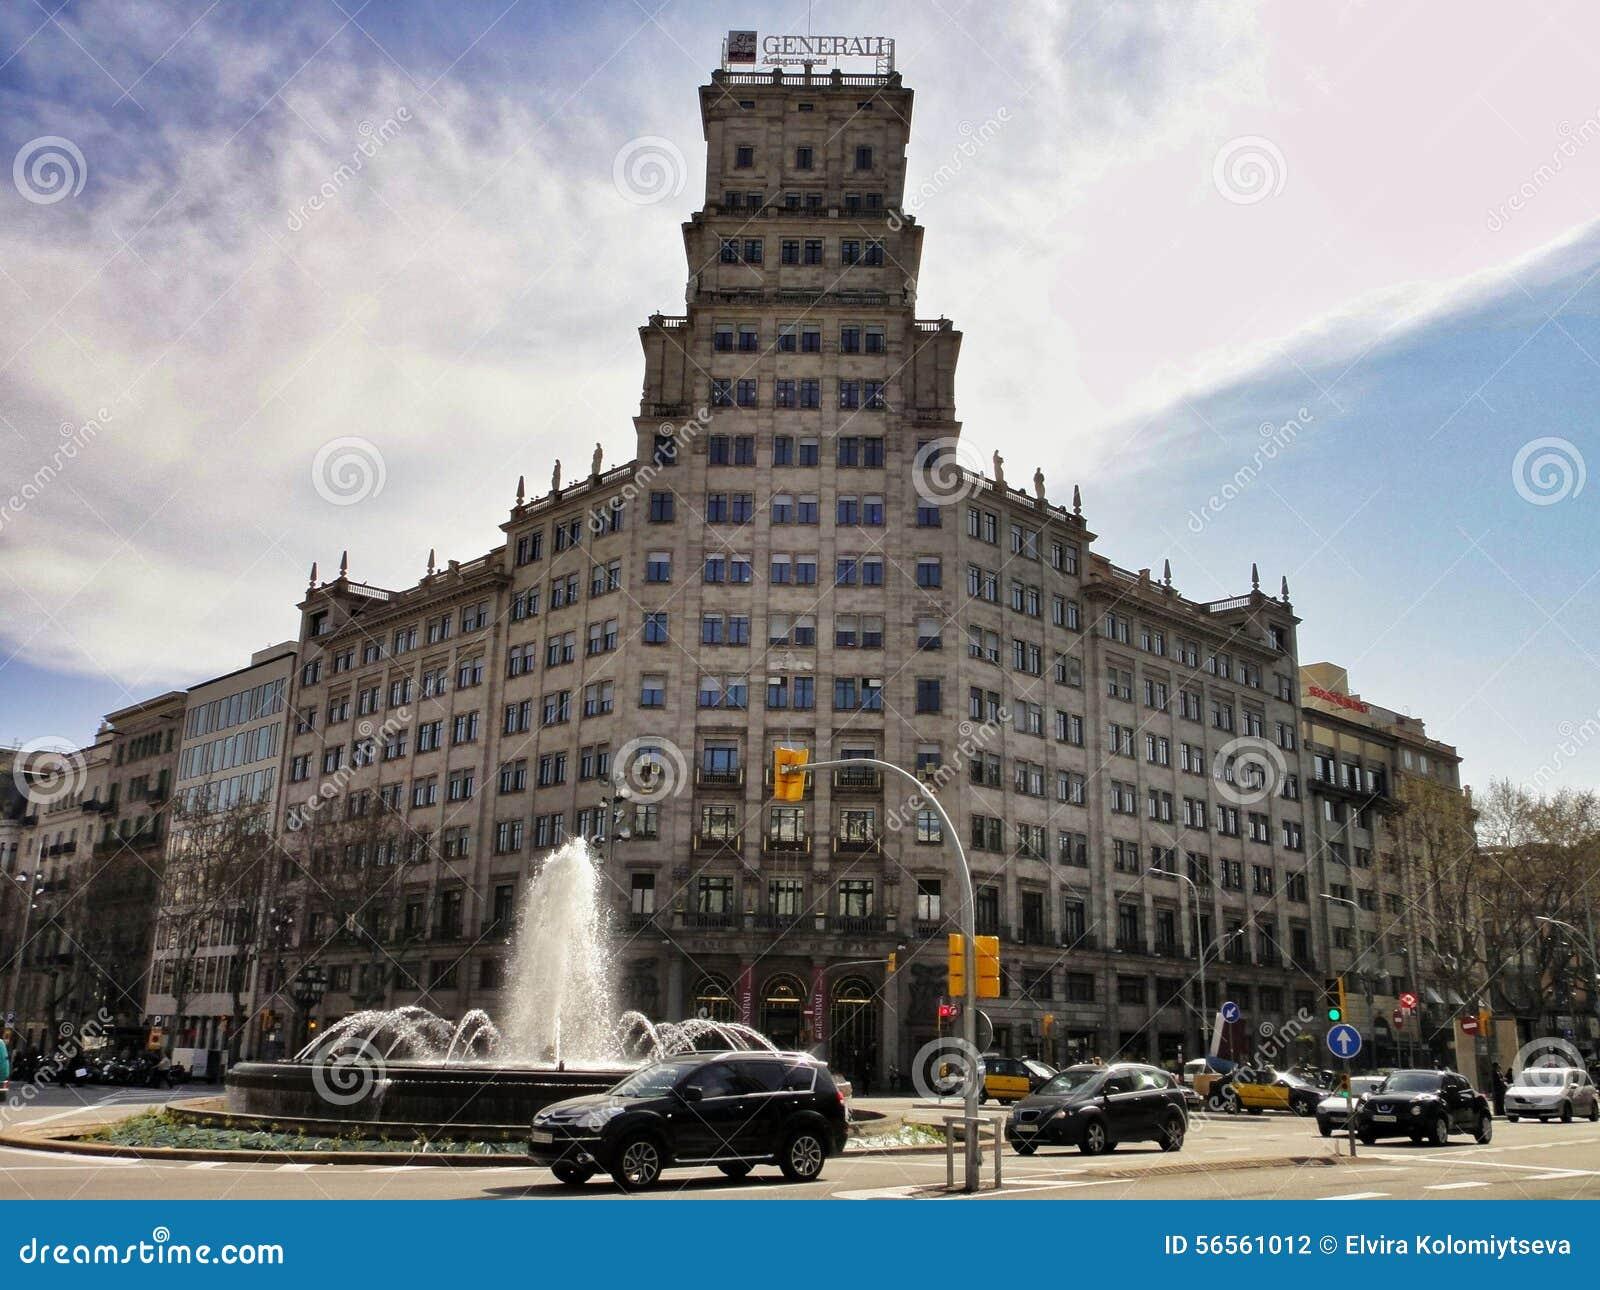 Download Παραδοσιακή αρχιτεκτονική της Βαρκελώνης, Ισπανία Εκδοτική Φωτογραφία - εικόνα από φανάρι, διακοπές: 56561012